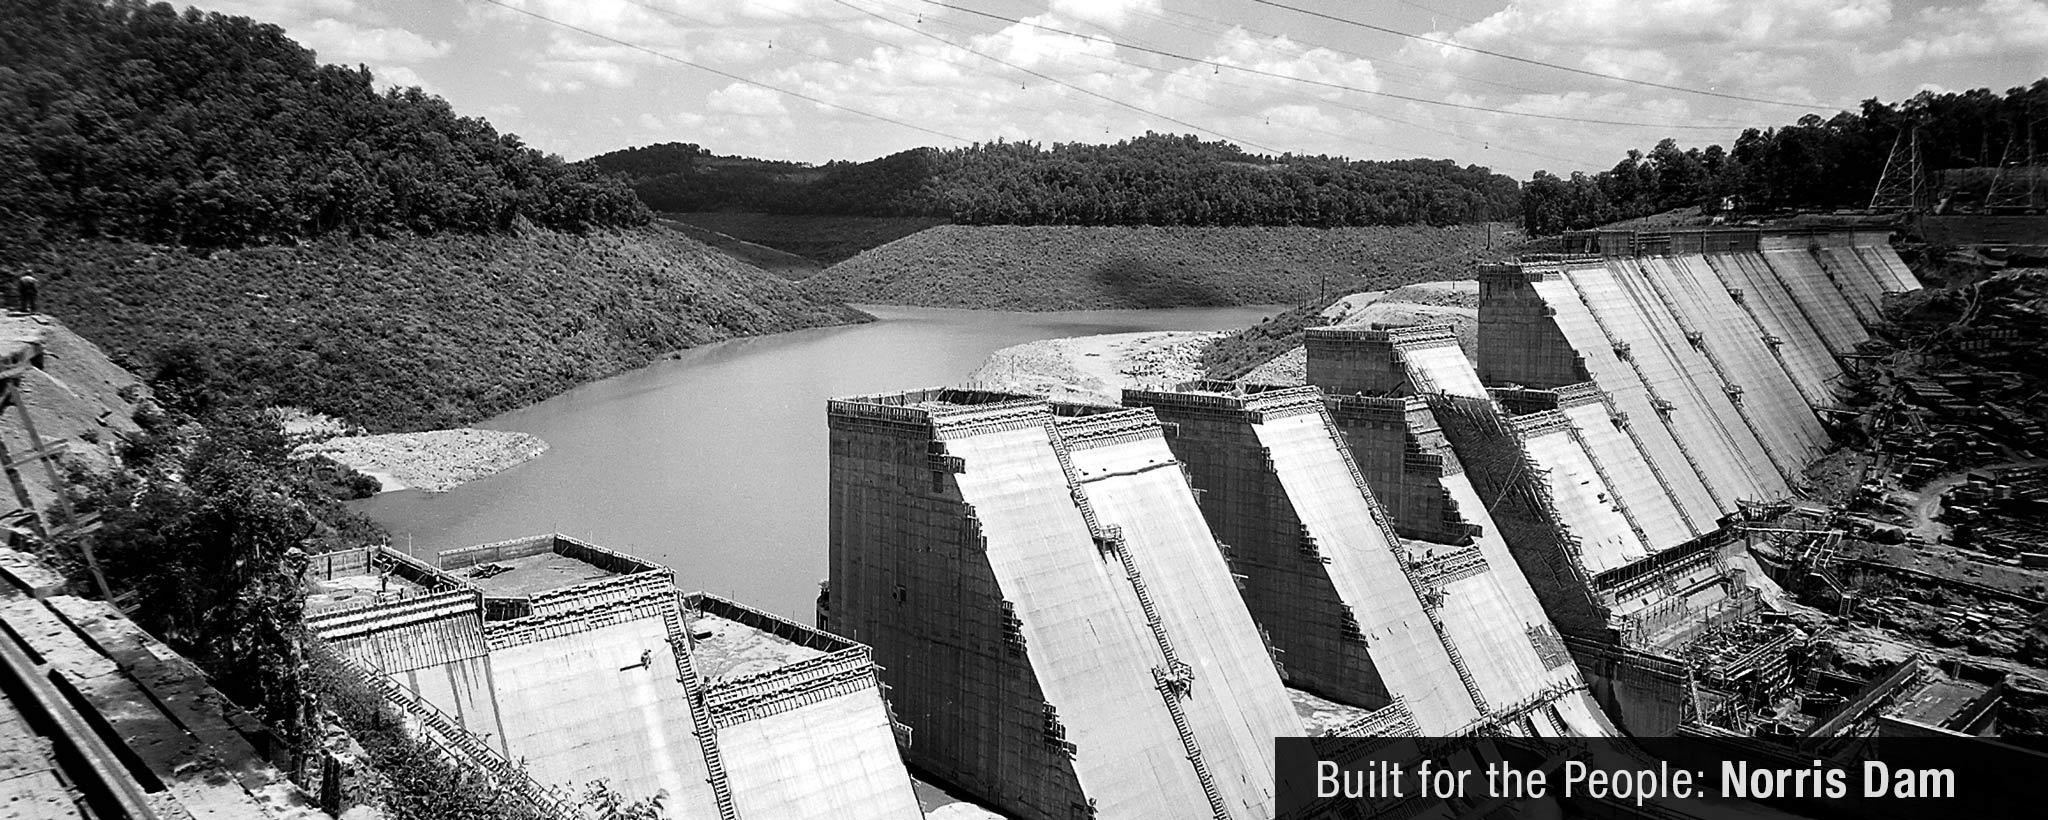 Norris dam construction